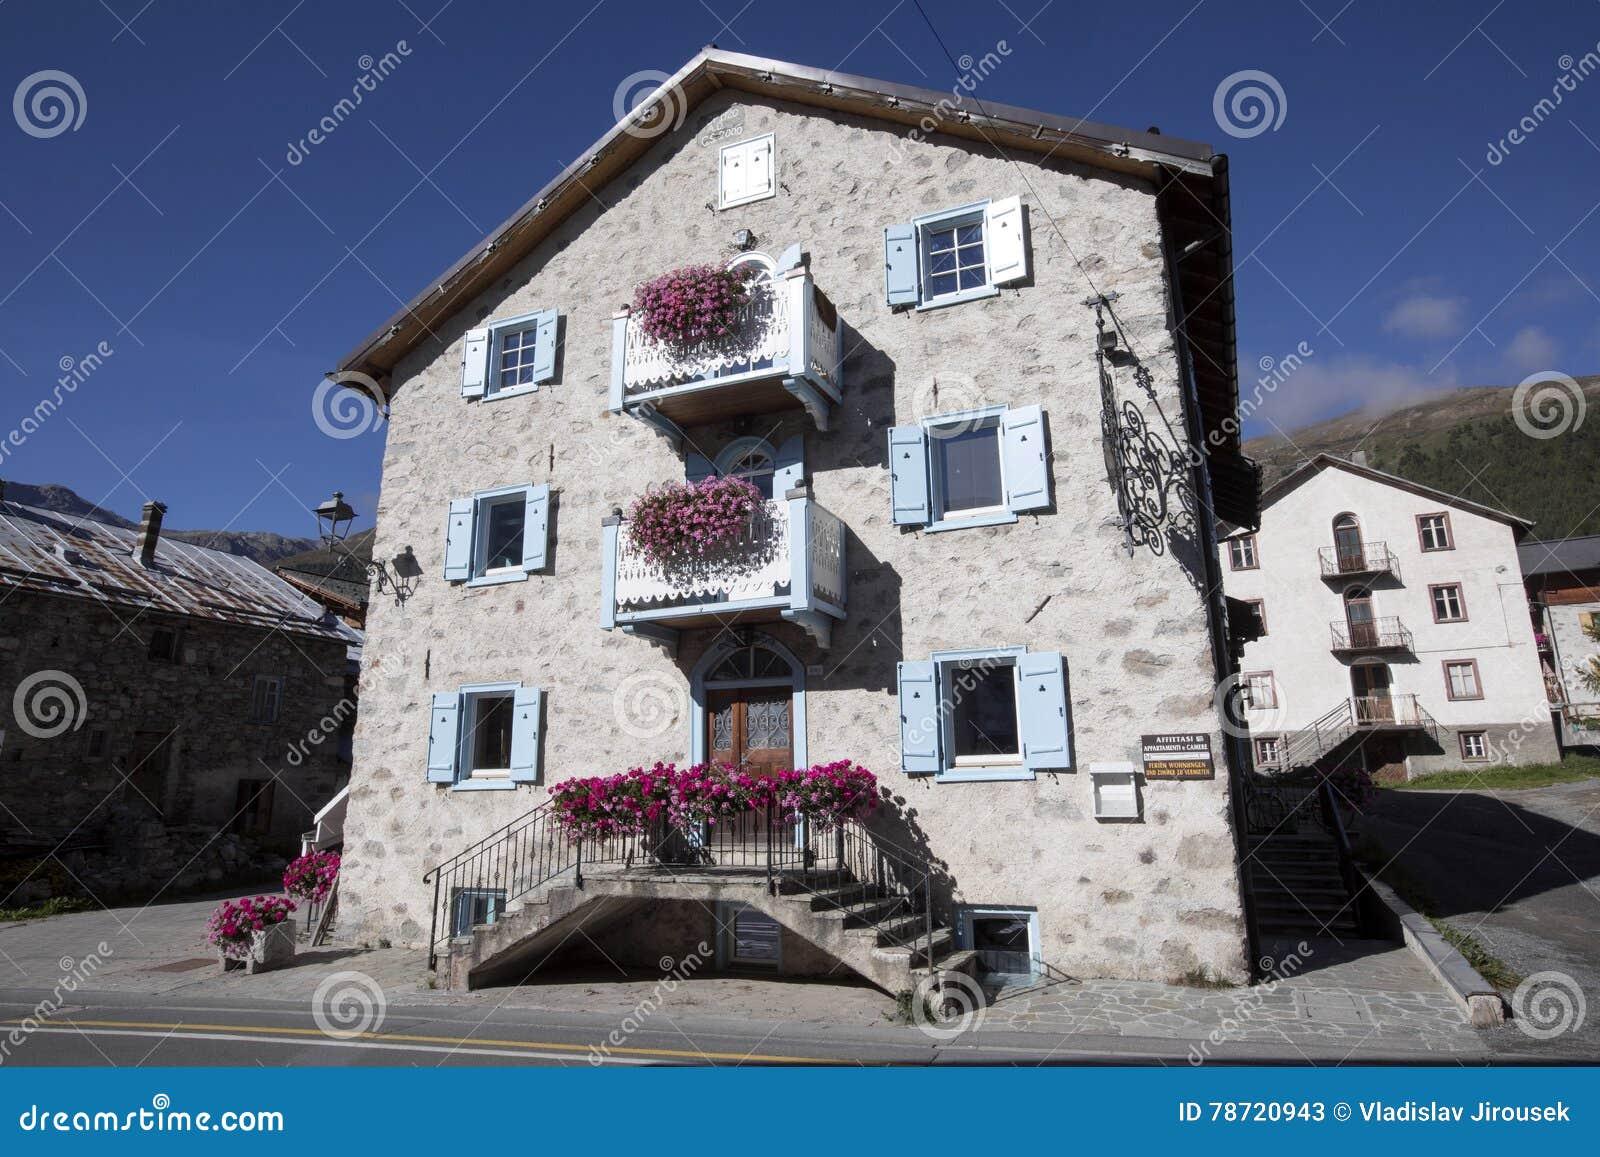 Case In Pietra Di Montagna : Case di pietra tipiche della montagna alpi italiane italia